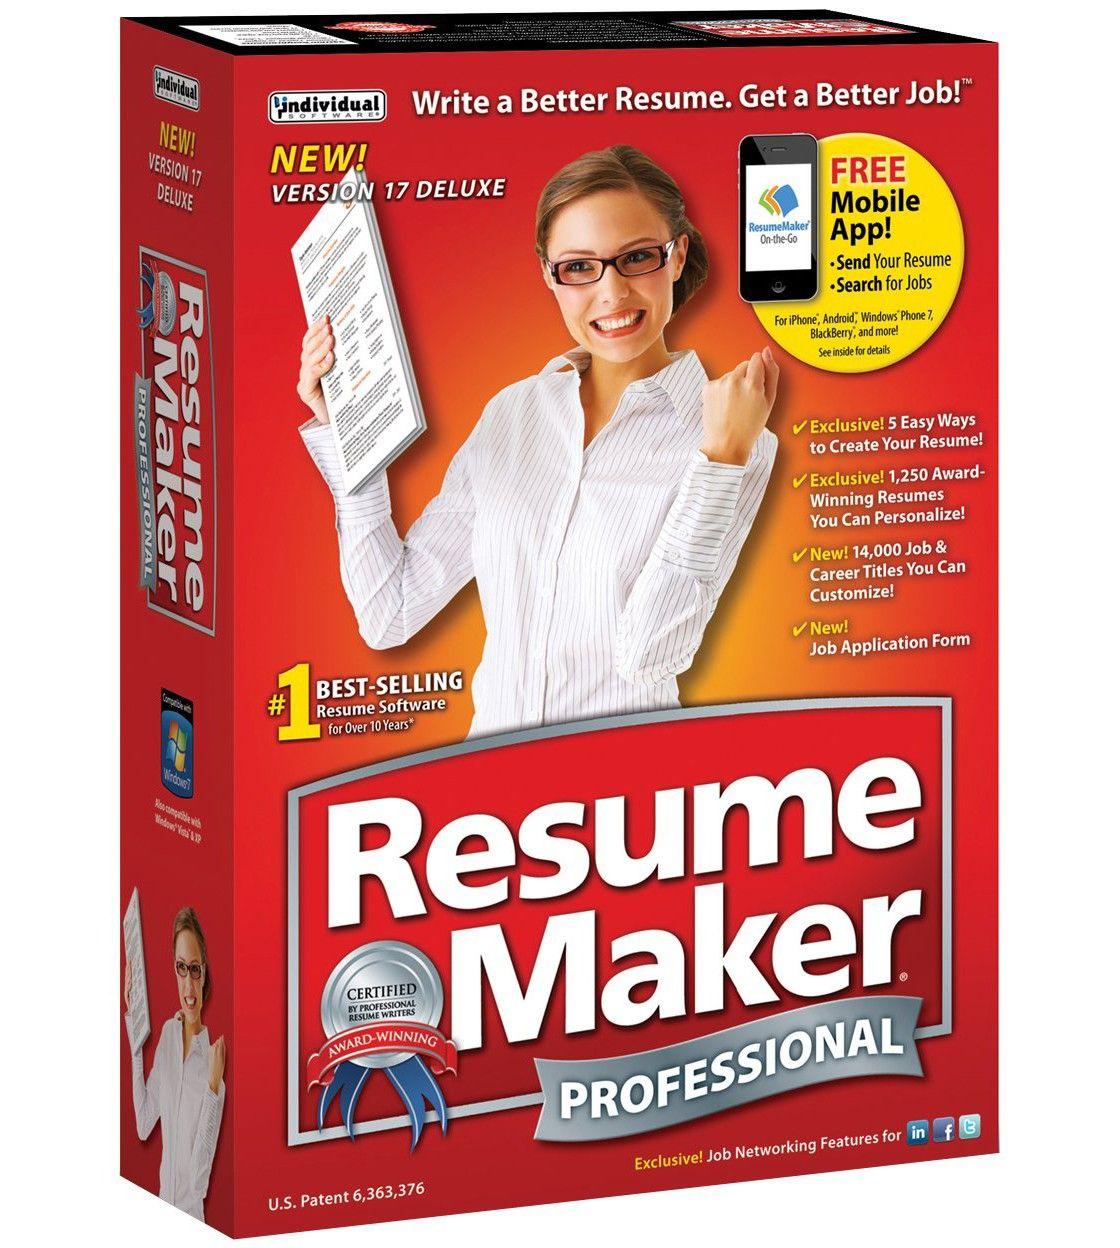 Resumemaker Professional Deluxe 17 Resume maker, Resume